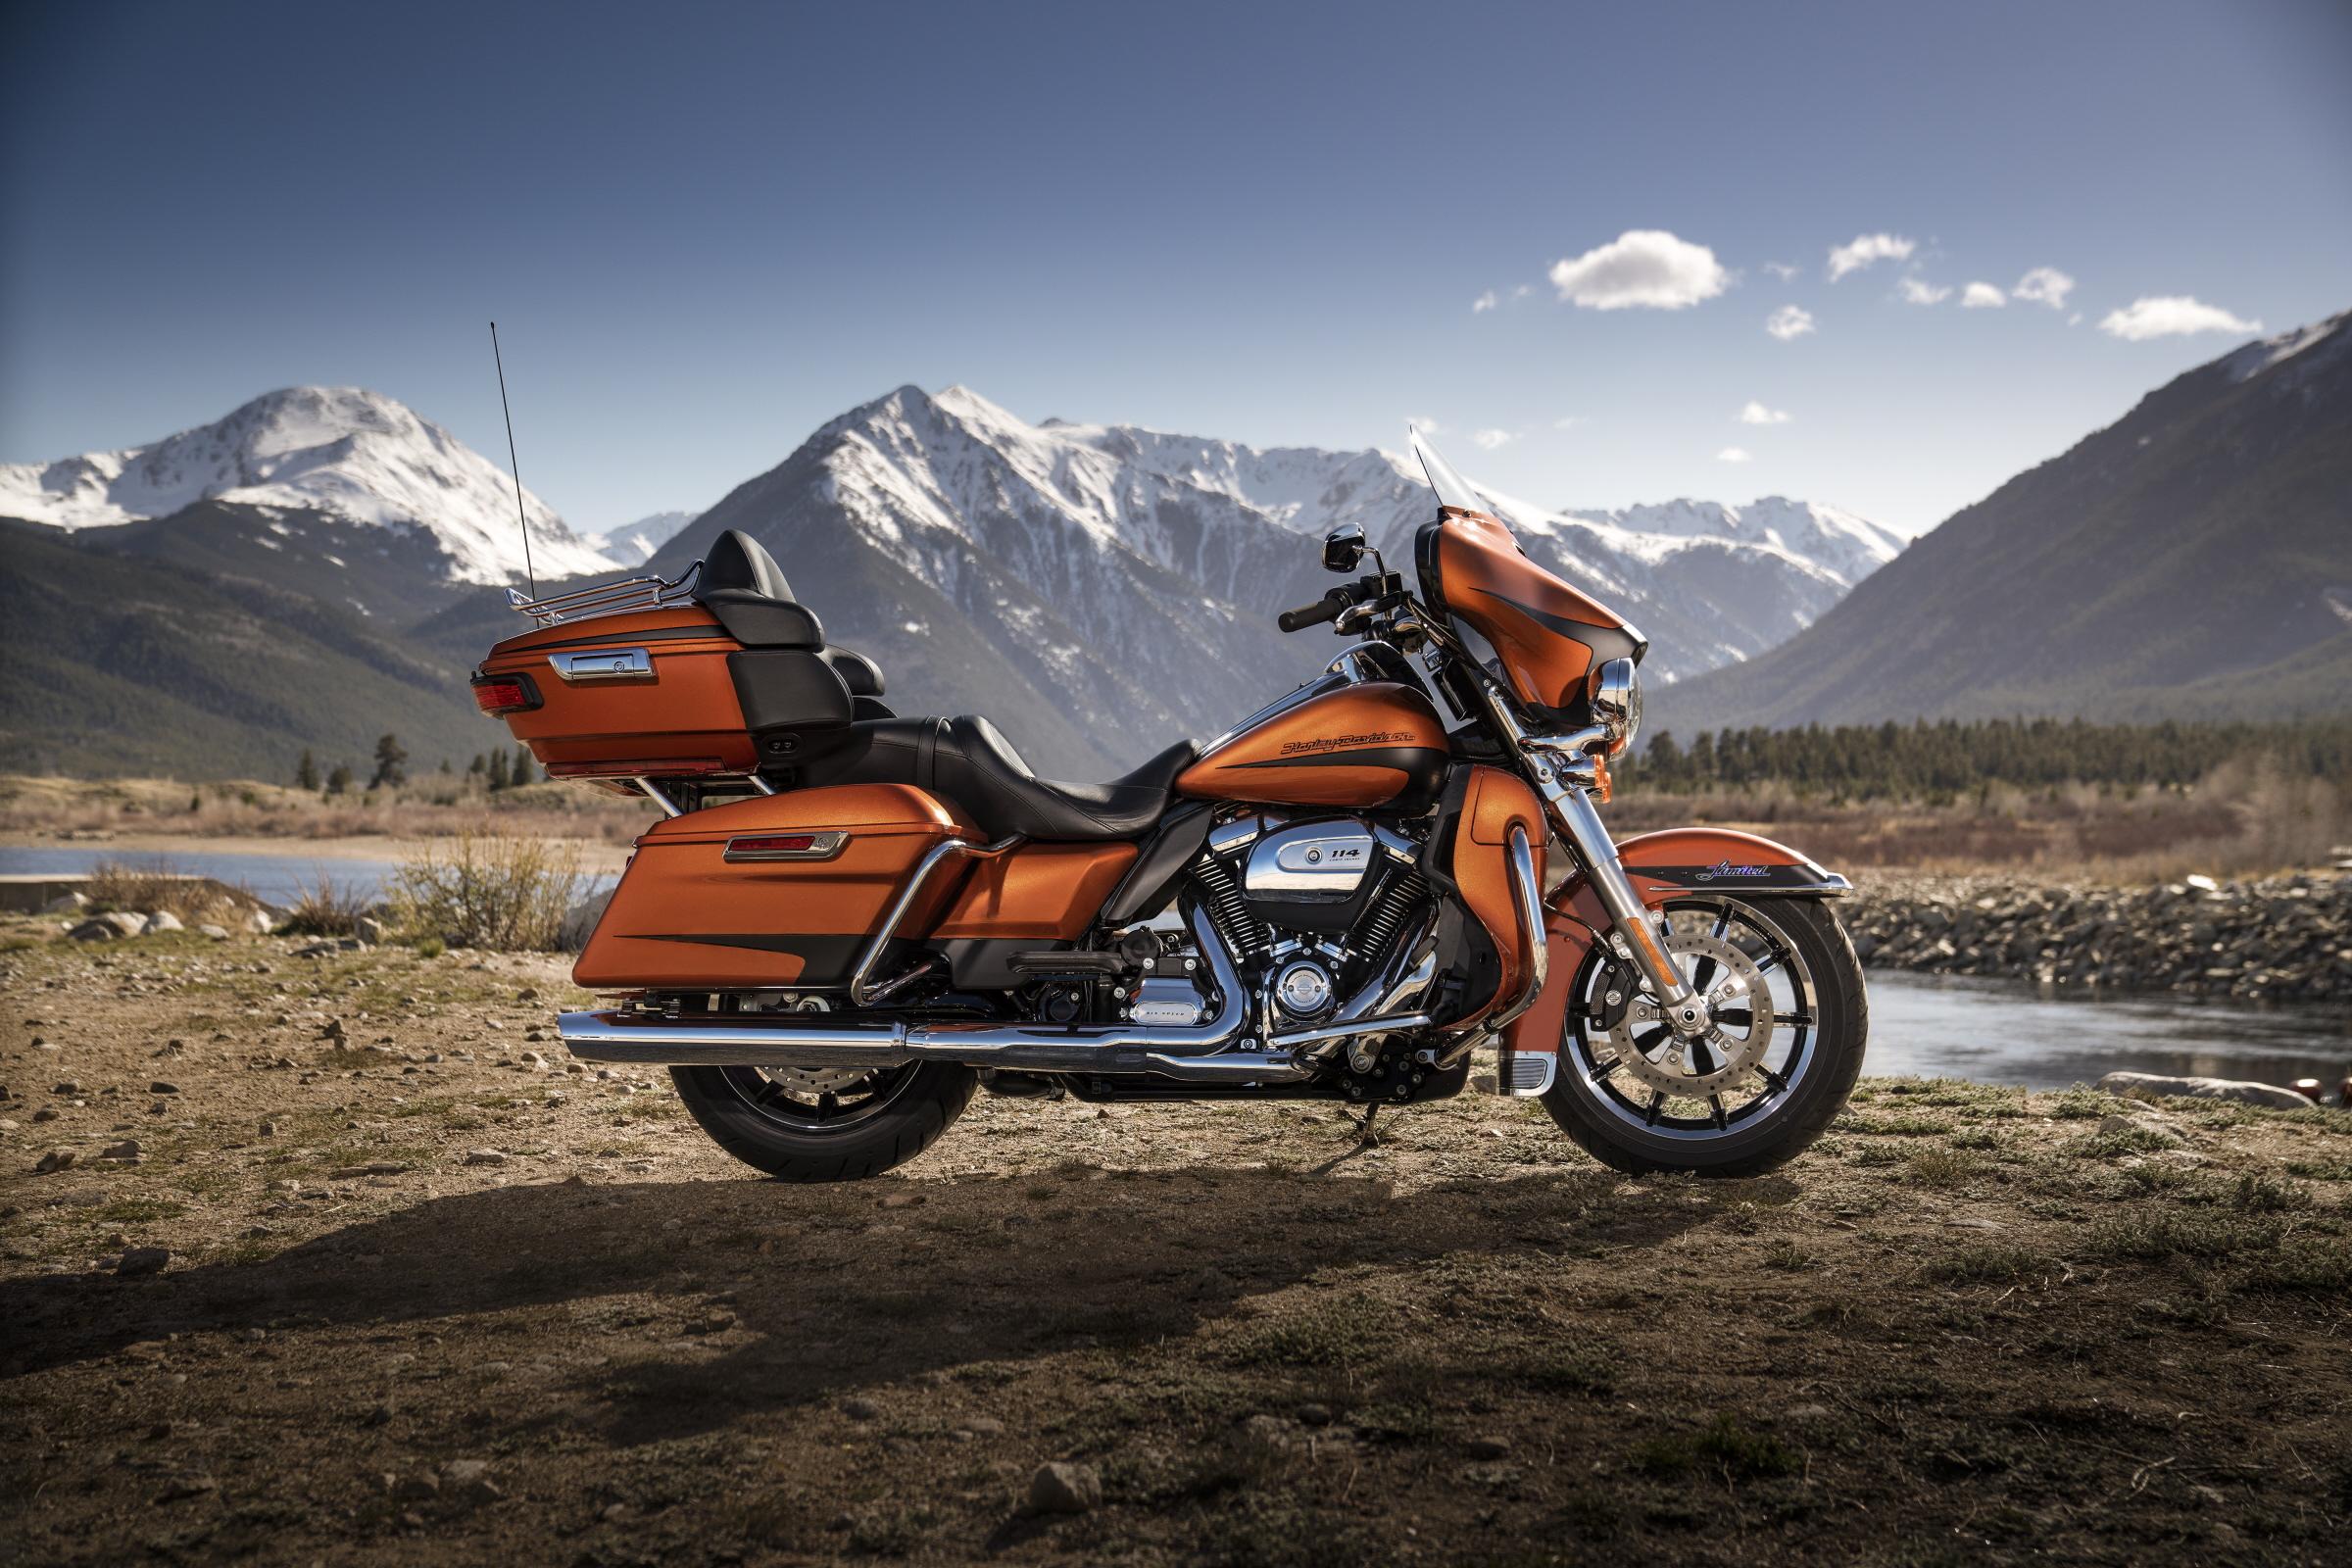 Shares of Harley-Davidson